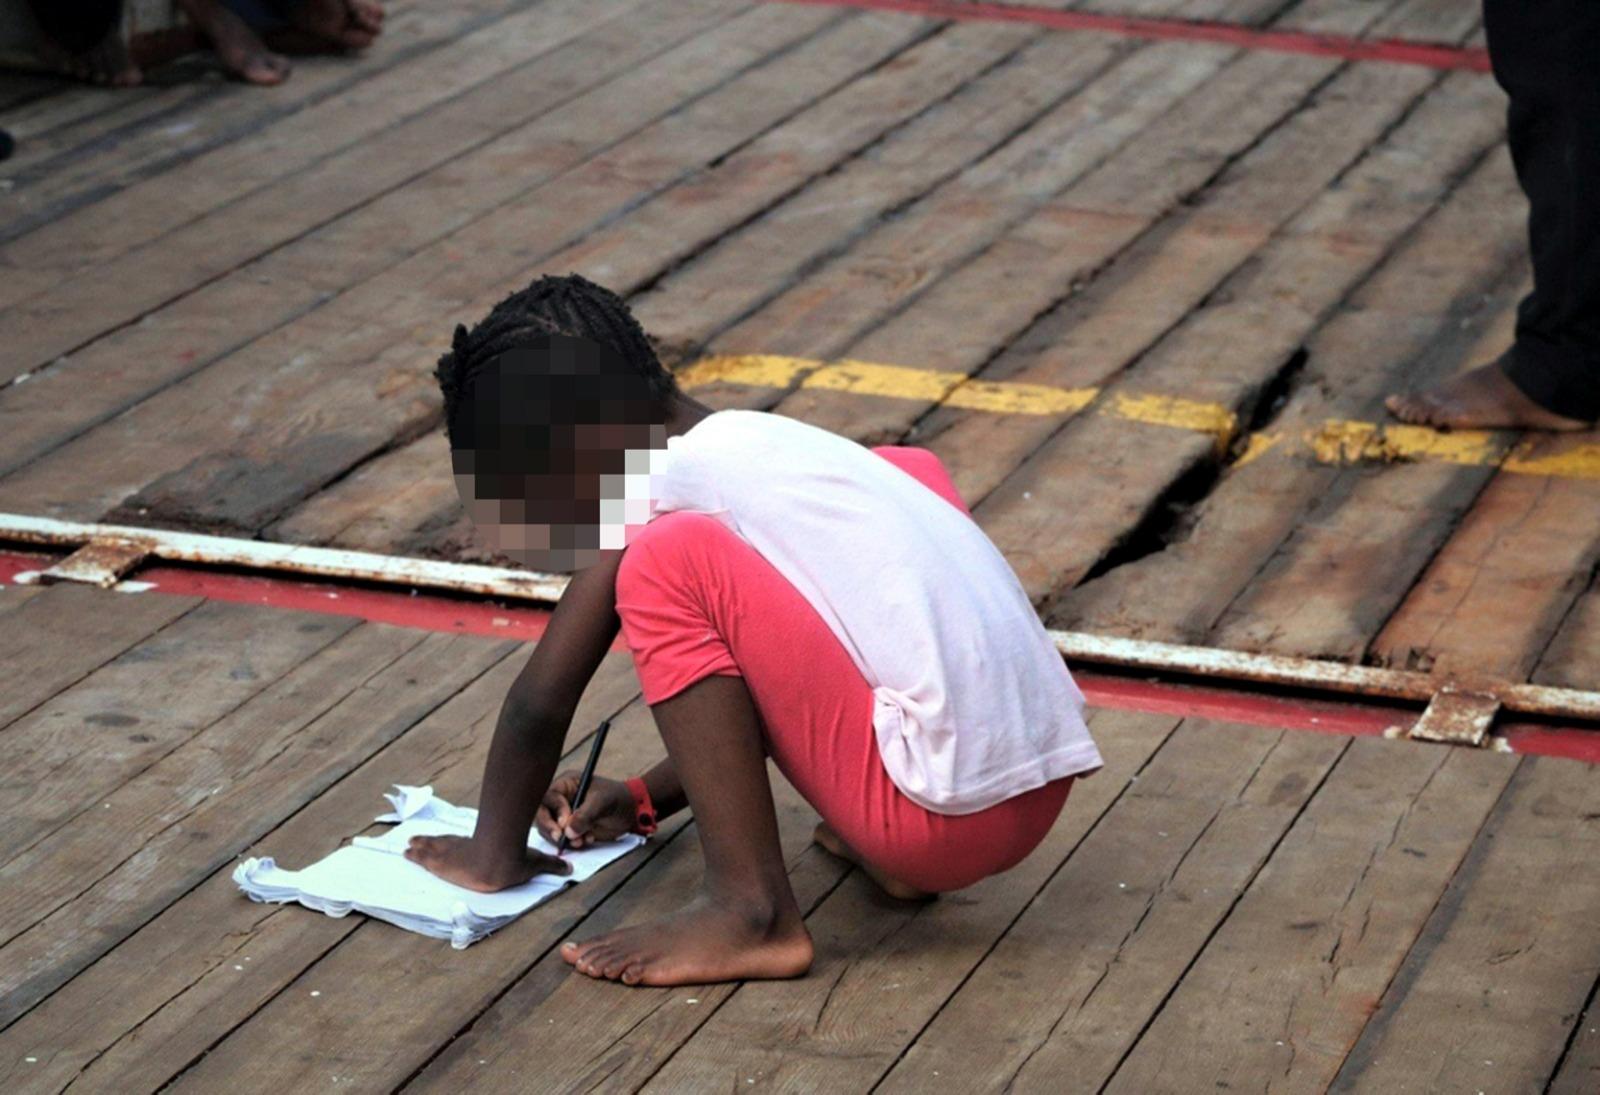 Regali Di Natale Accordi.Migranti Emergenze A Lampedusa E Sulla Ocean Viking Conte